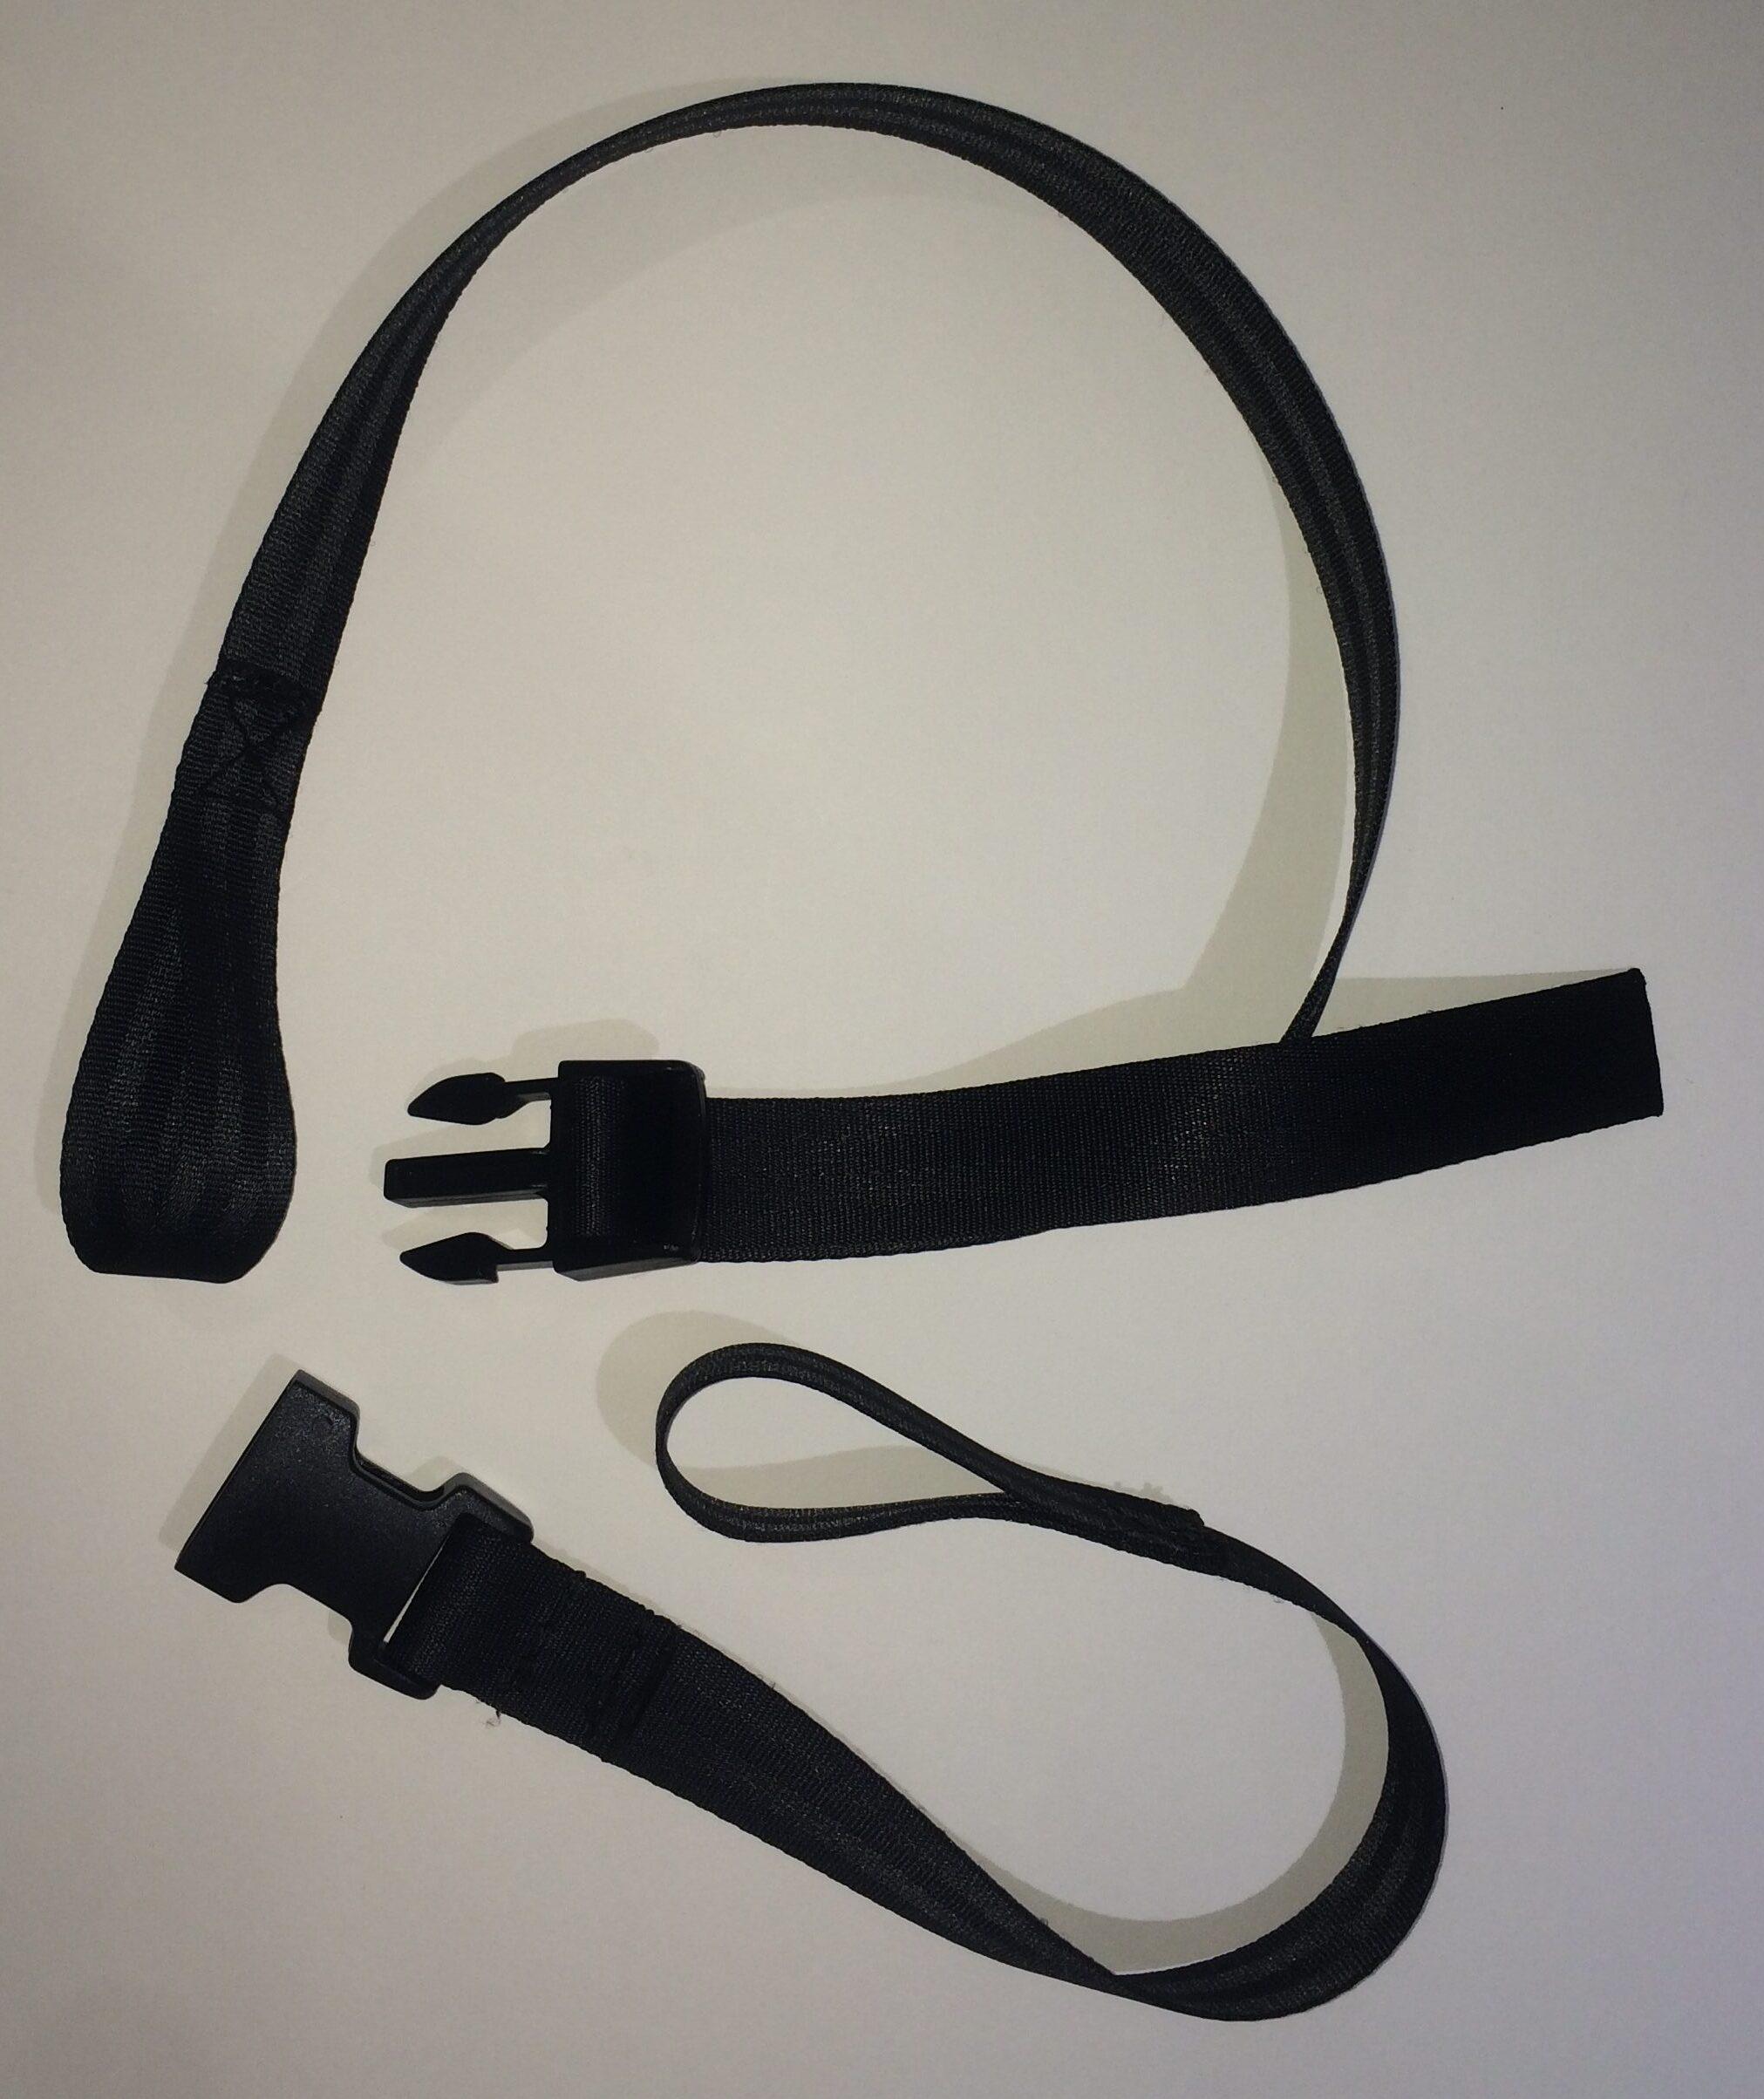 Loop Strap - 25mm Open